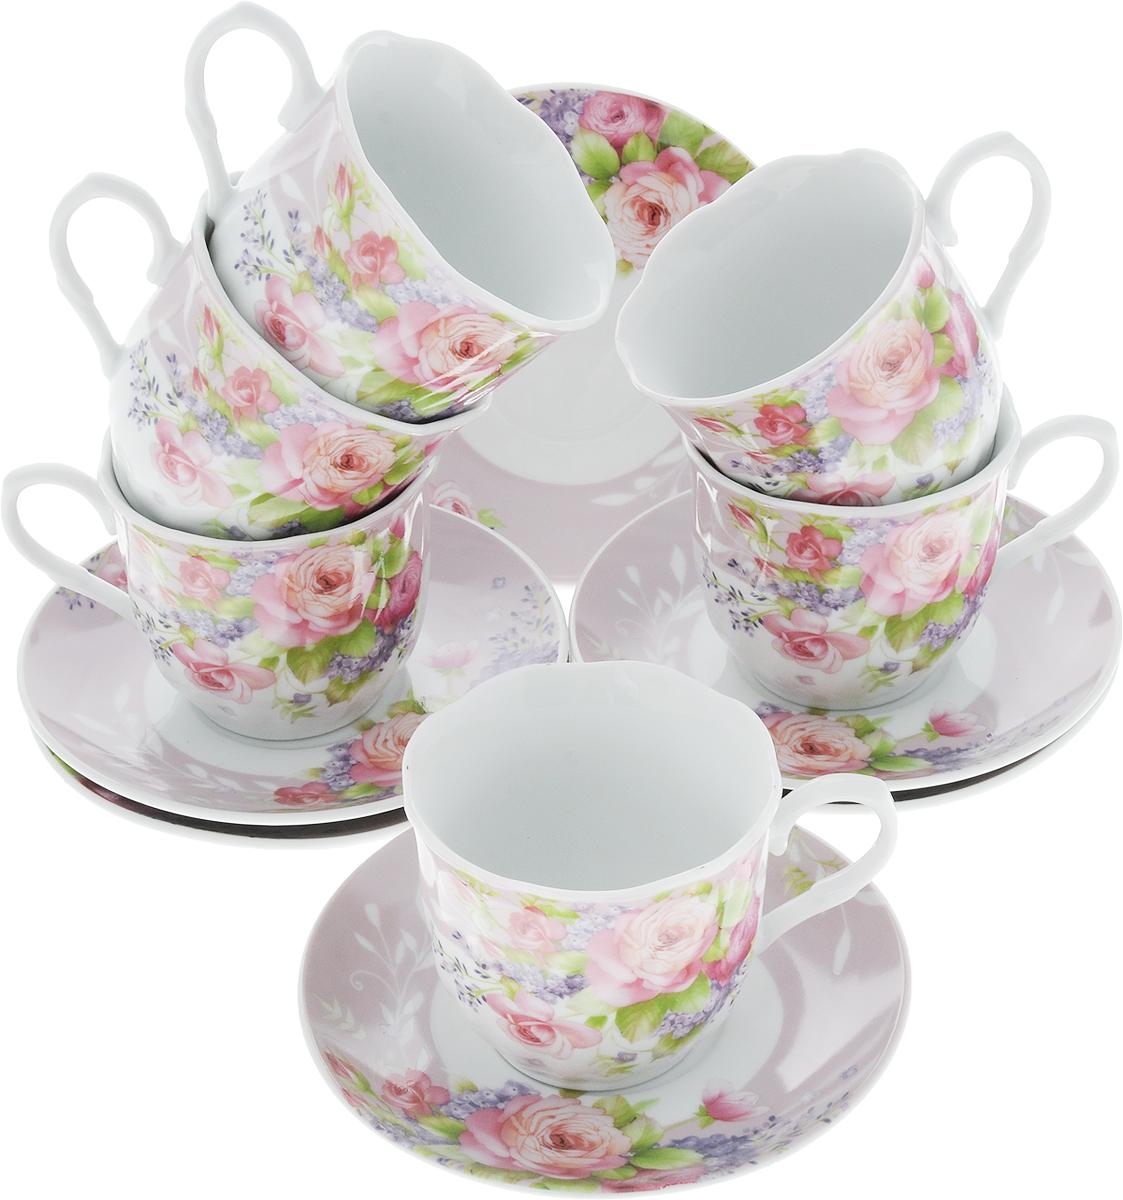 Чайный сервиз Loraine Цветы, 220 мл, 12 предметов. 2591025910Чайный сервиз на 6 персон изготовлен из качественного фарфора и оформлен красивым рисунком. Элегантный и удобный чайный сервиз не только украсит сервировку стола, но и поднимет настроение и превратит процесс чаепития в одно удовольствие. Сервиз состоит из 12 предметов: шести чашек и шести блюдец, упакованных в подарочную коробку. Чашки имеют удобную, изящную ручку. Изделия легко и просто мыть.Диаметр чашки: 8 см. Высота чашки: 7,5 см. Объем чашки: 220 мл. Диаметр блюдца: 14 см.